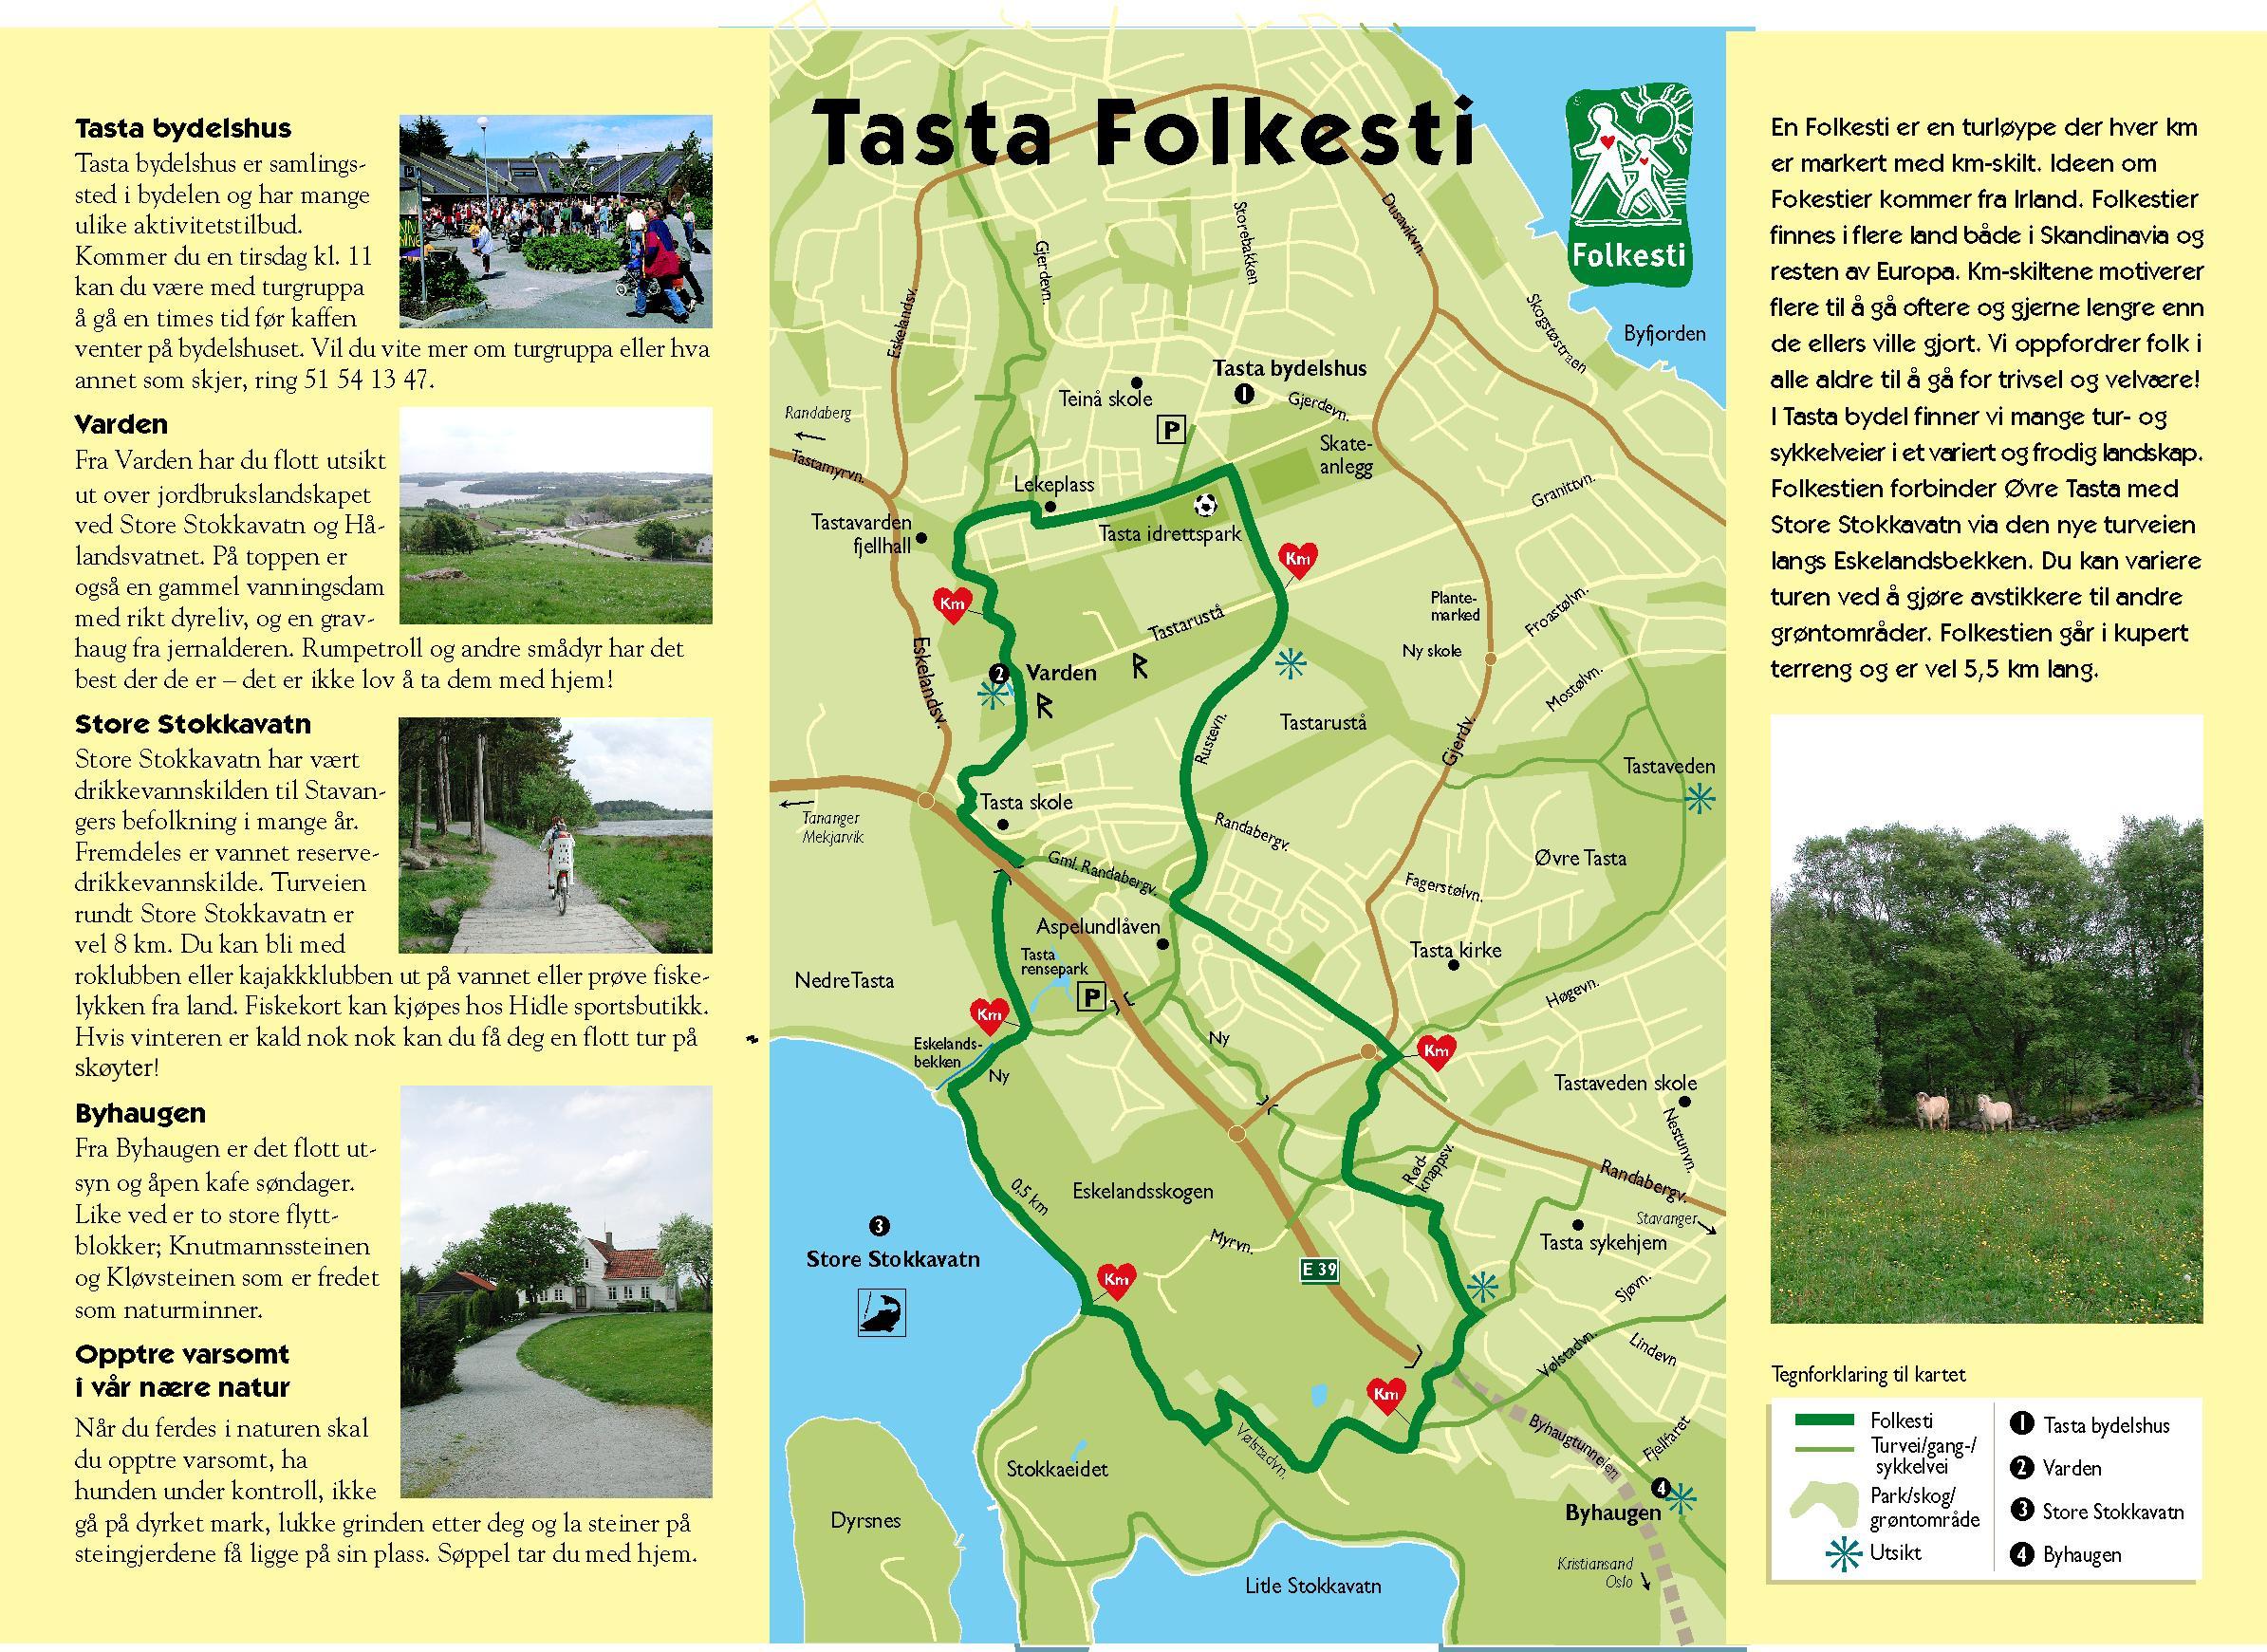 sørmarka stavanger kart Folkestier i Stavanger | Stavanger kommune sørmarka stavanger kart